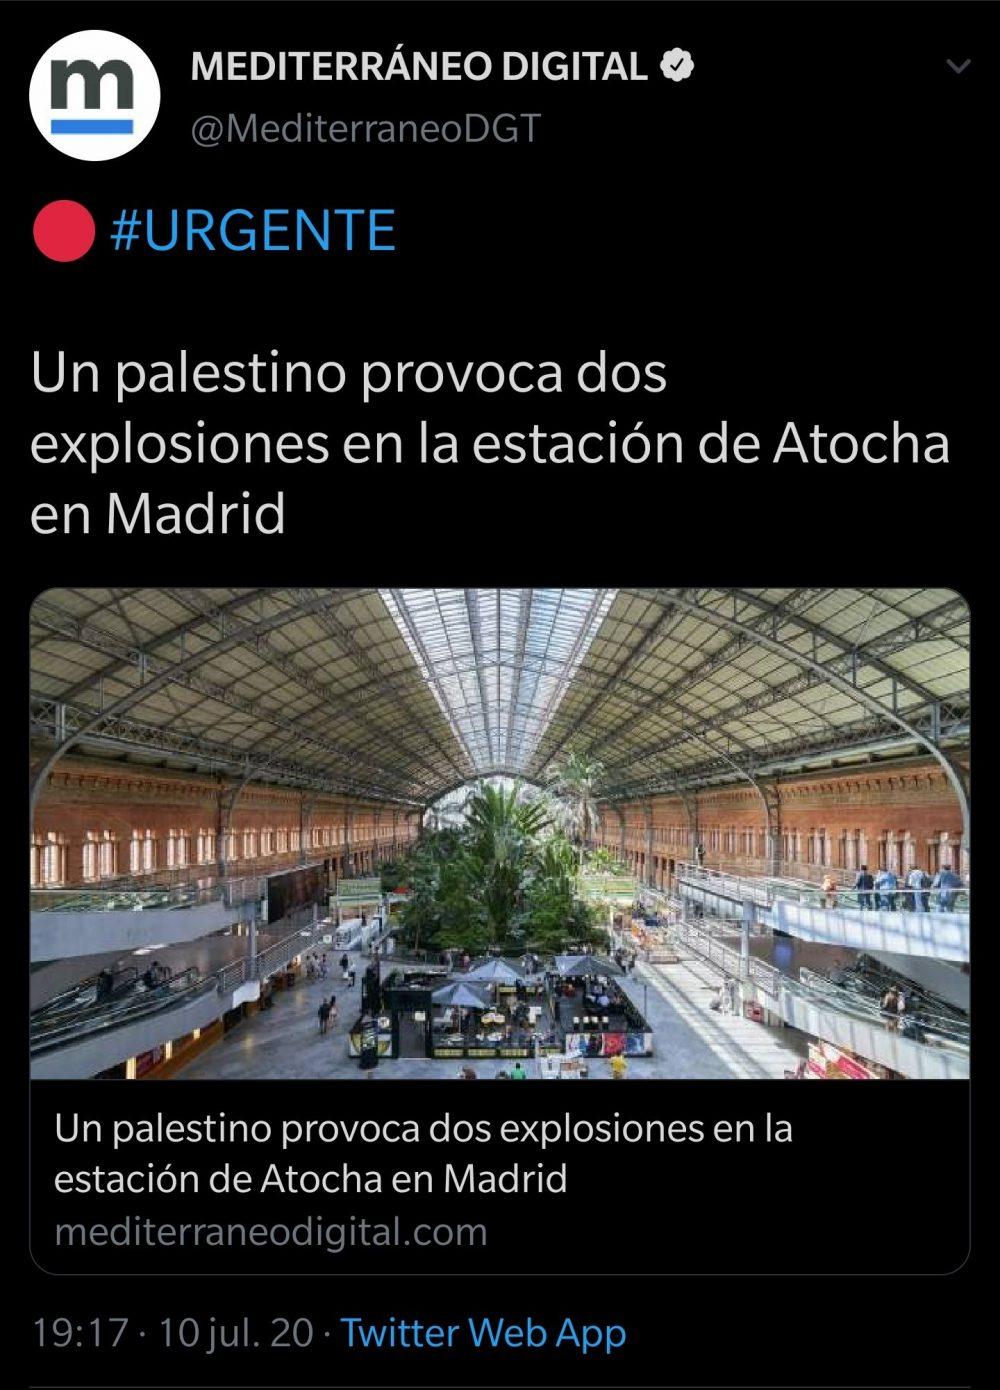 Mediterráneo Digital acaba de batir el record de sensacionalismo con este titular